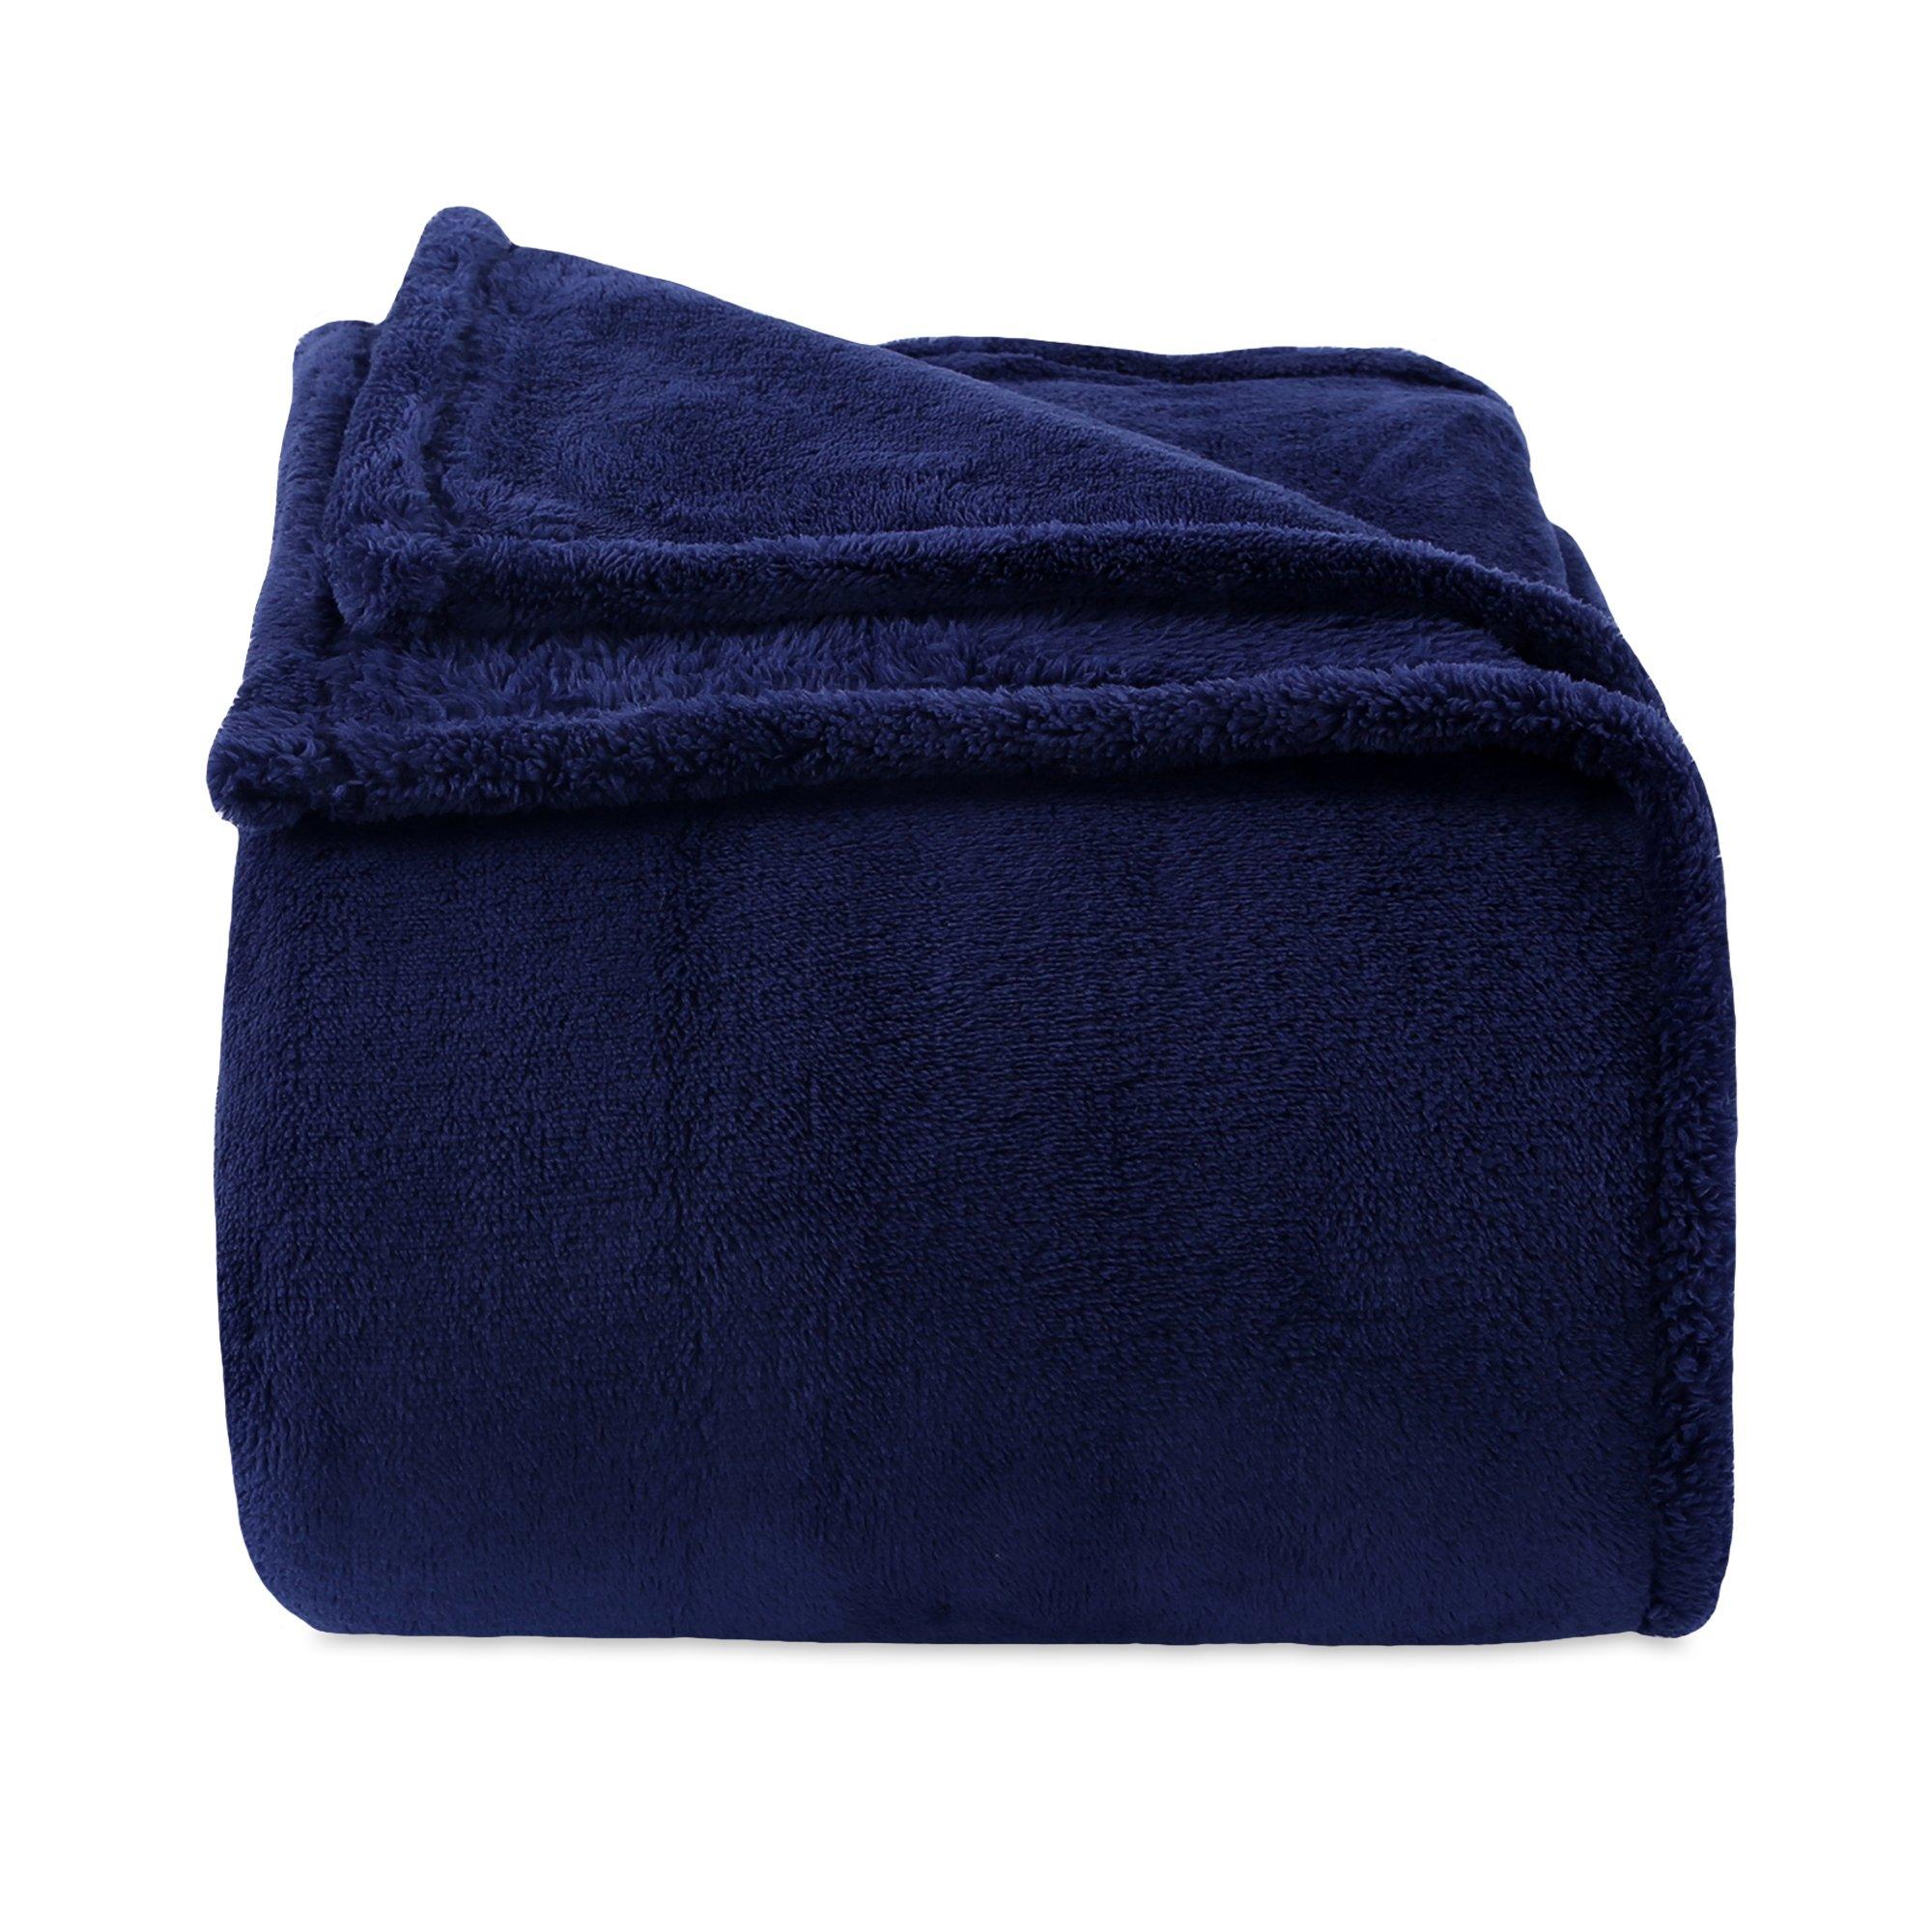 Fuzzy Plush Bed Blanket, Full/Queen Dark Blue